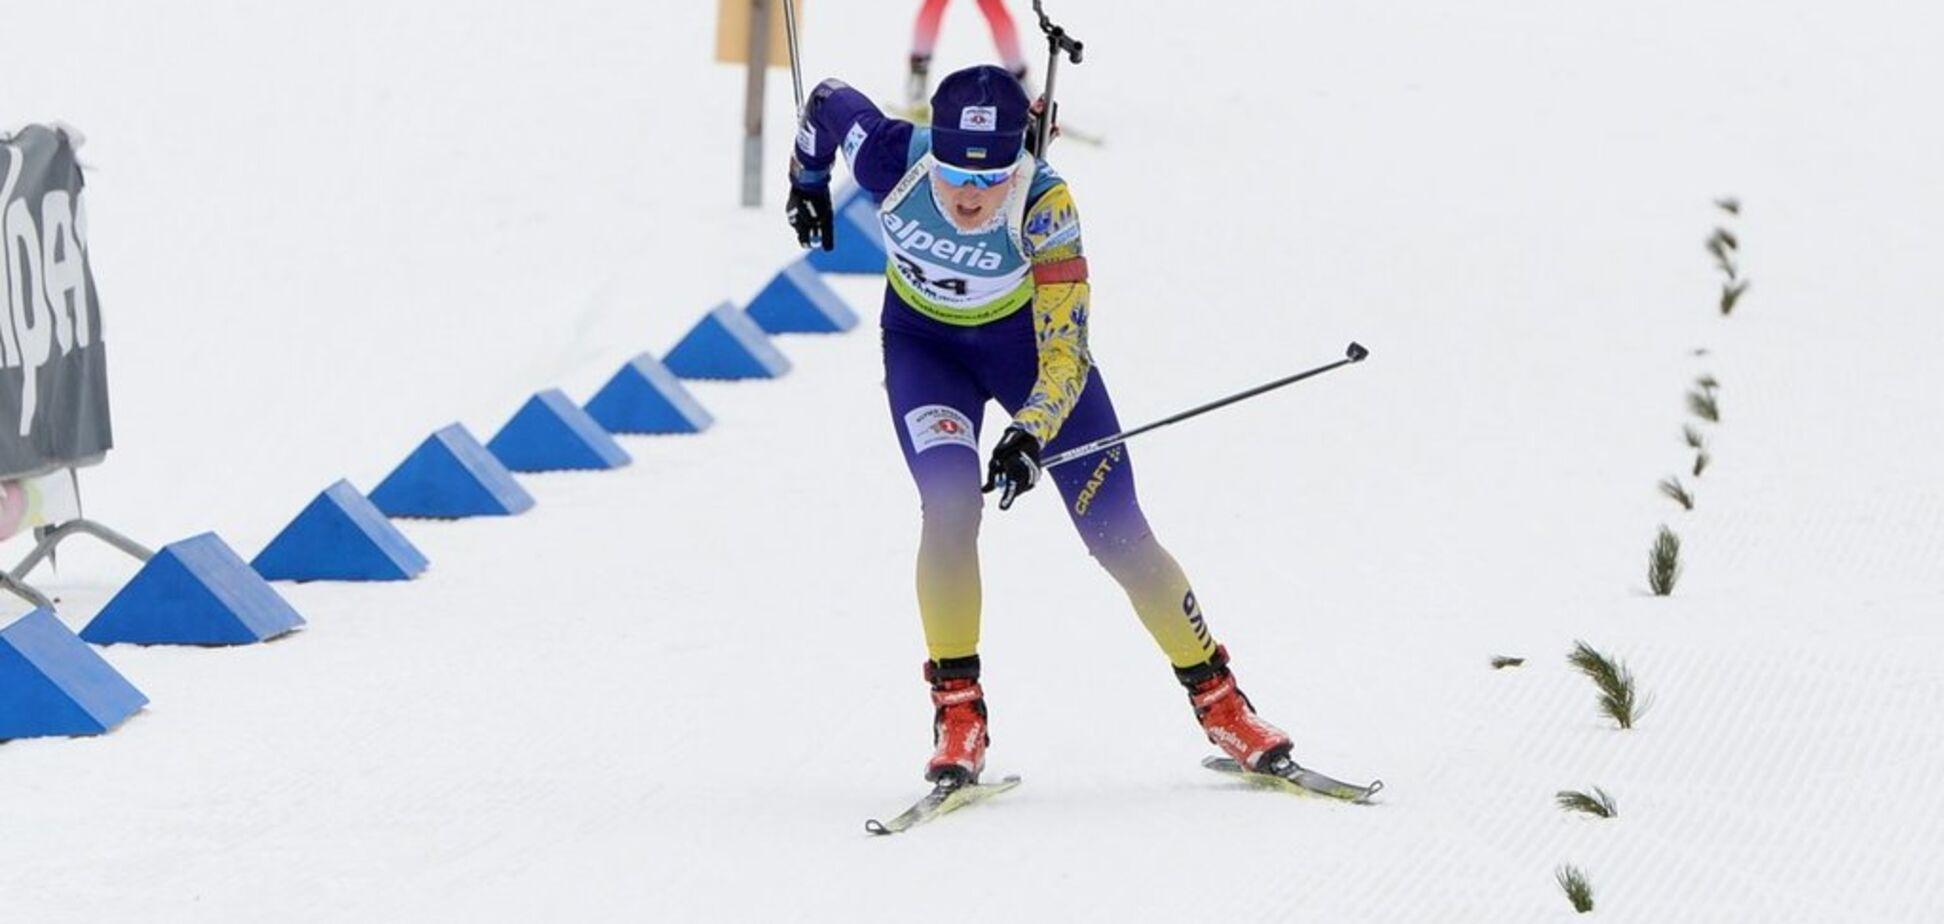 Украинская биатлонистка взяла 'золото' Кубка IBU, опередив россиянку